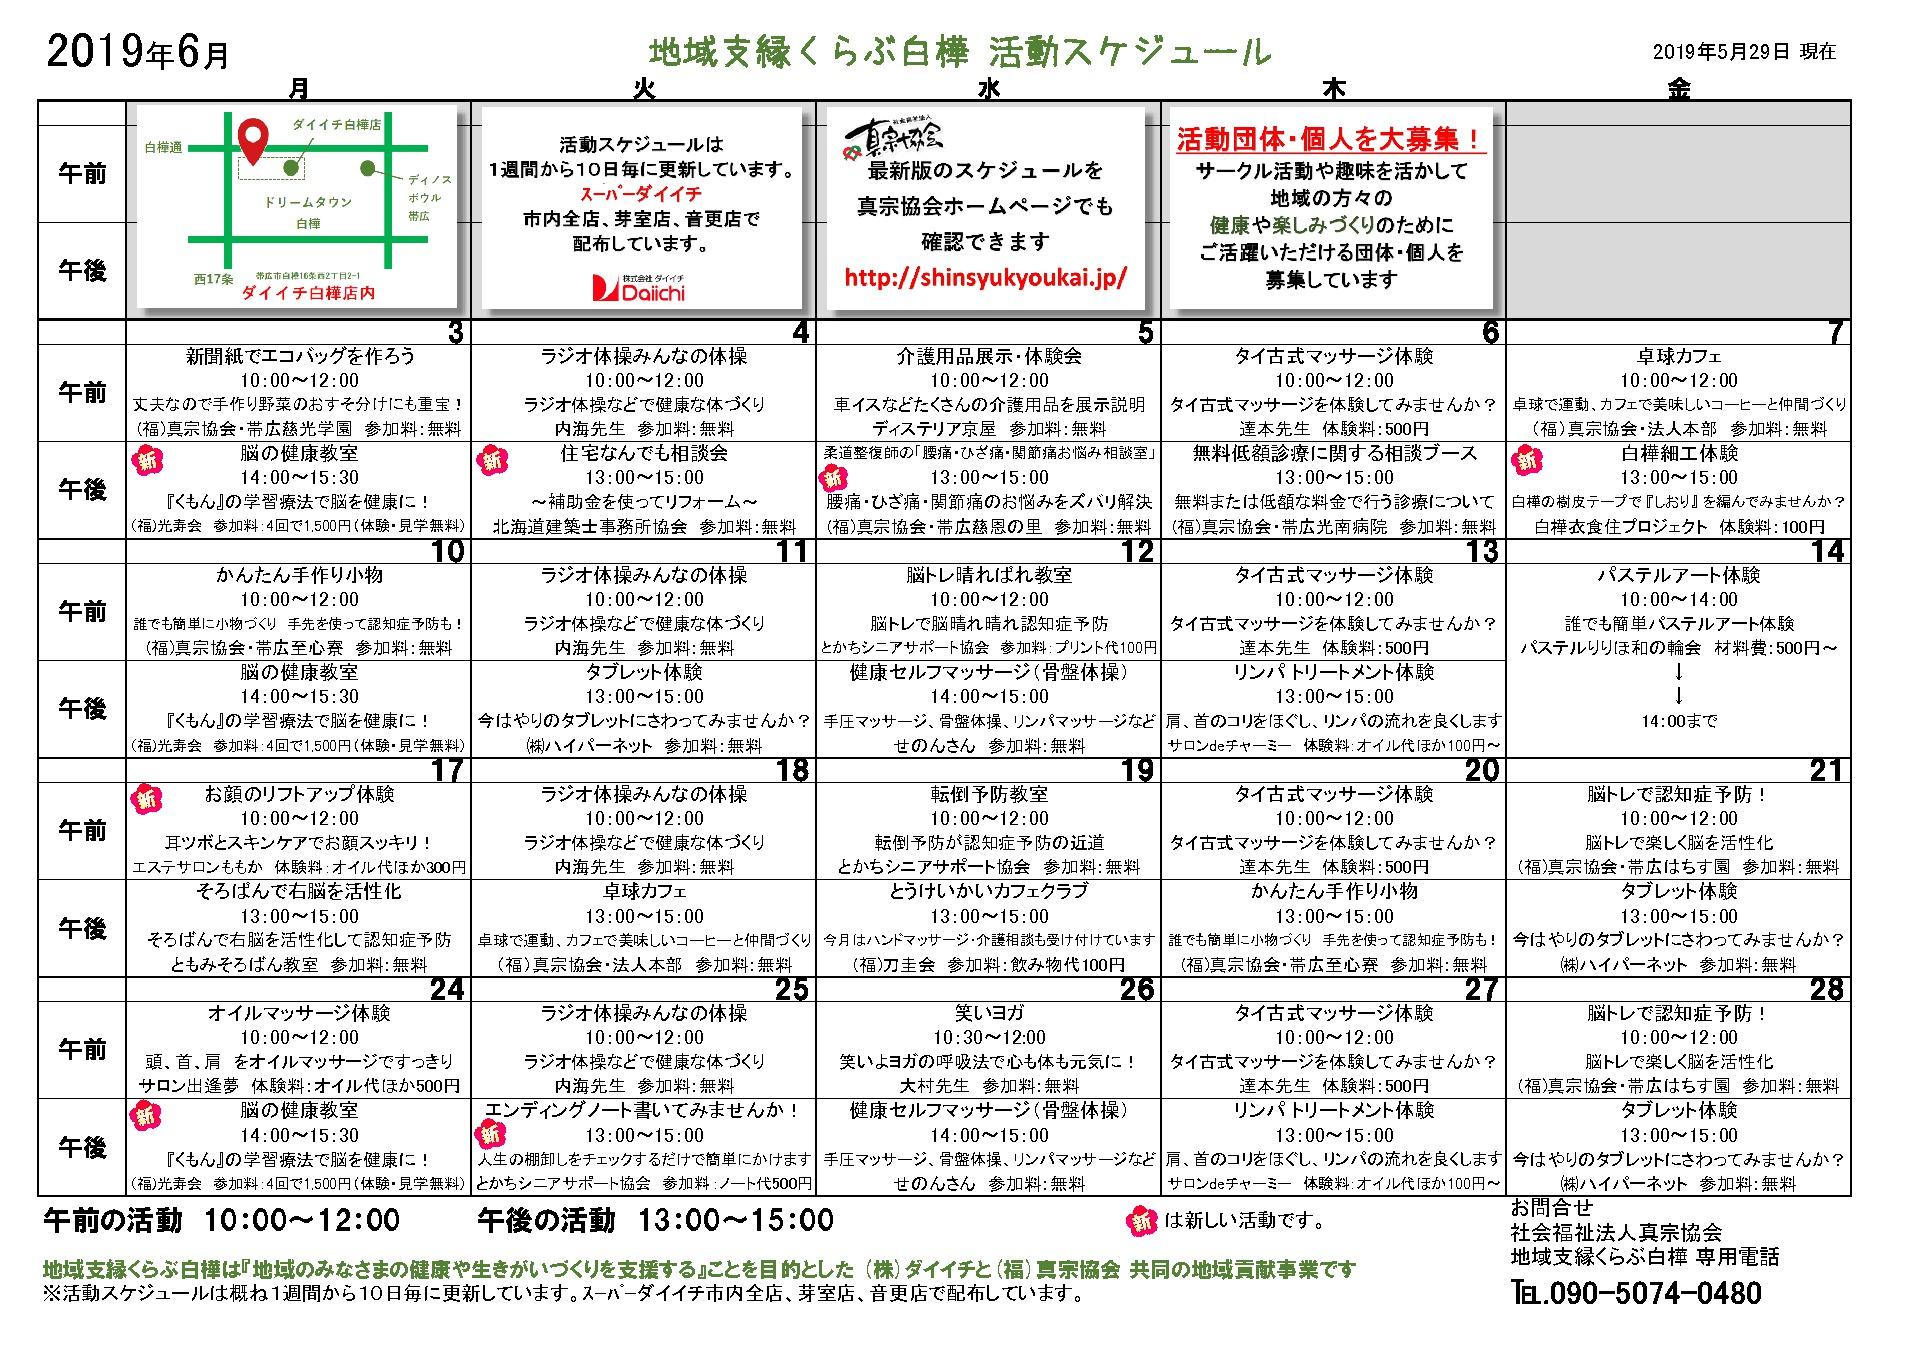 2019活動スケジュール6(2019.5.29付)のサムネイル